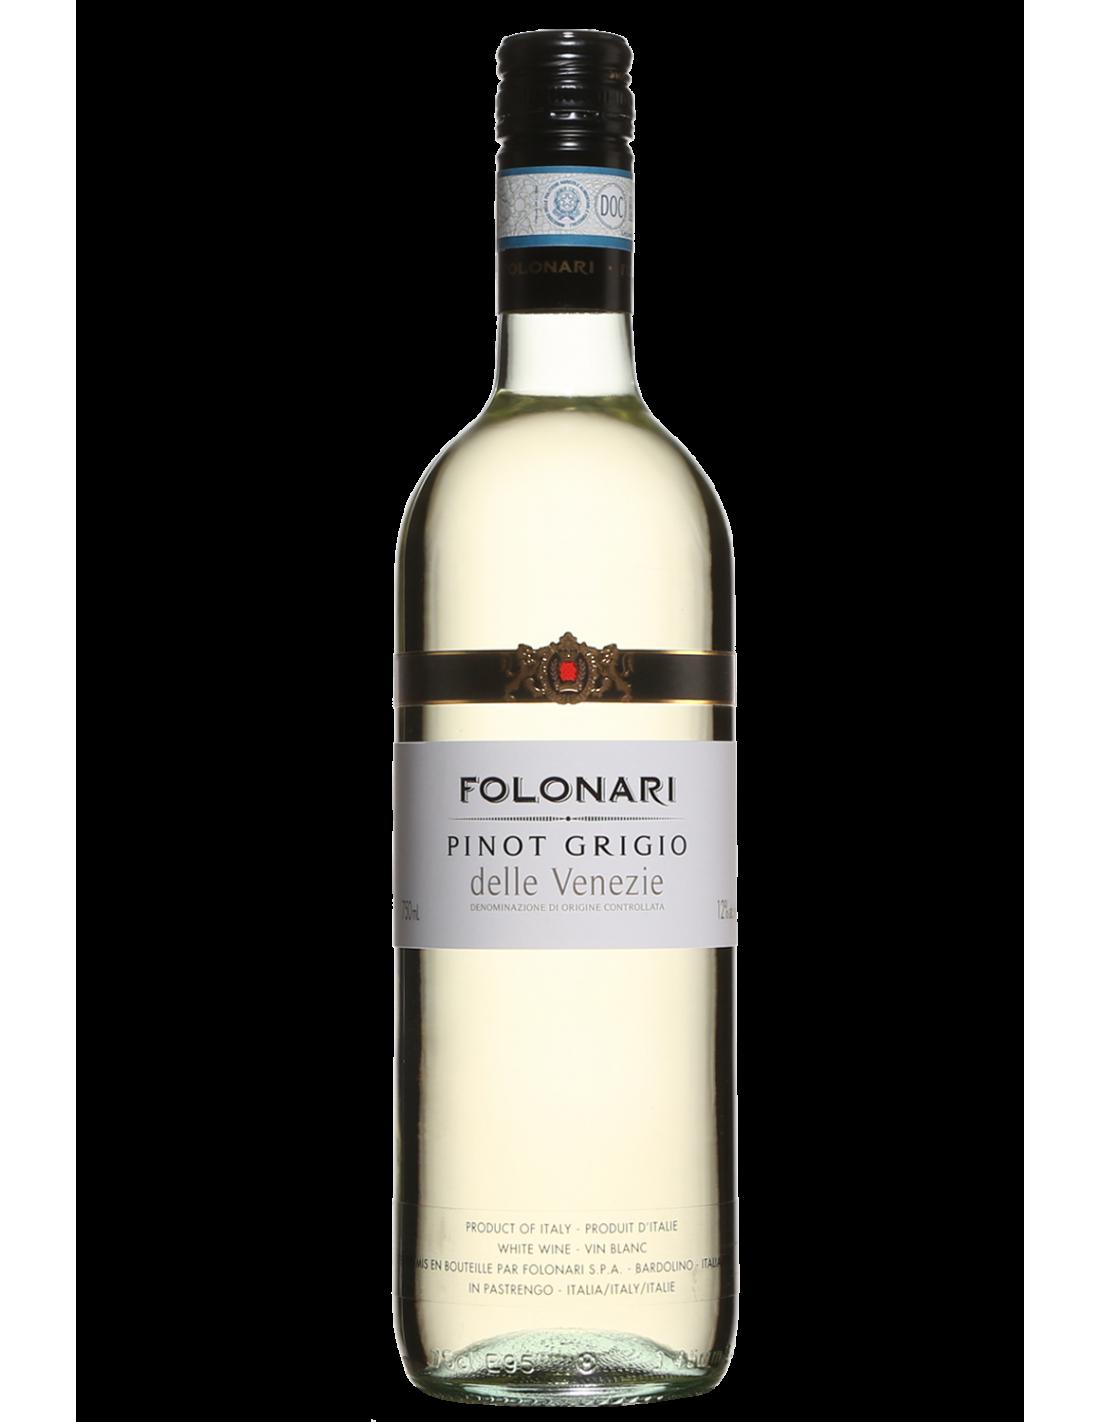 Vin alb, Pinot Grigio, Folonari delle Venezie, 12% alc., 0.75L, Italia